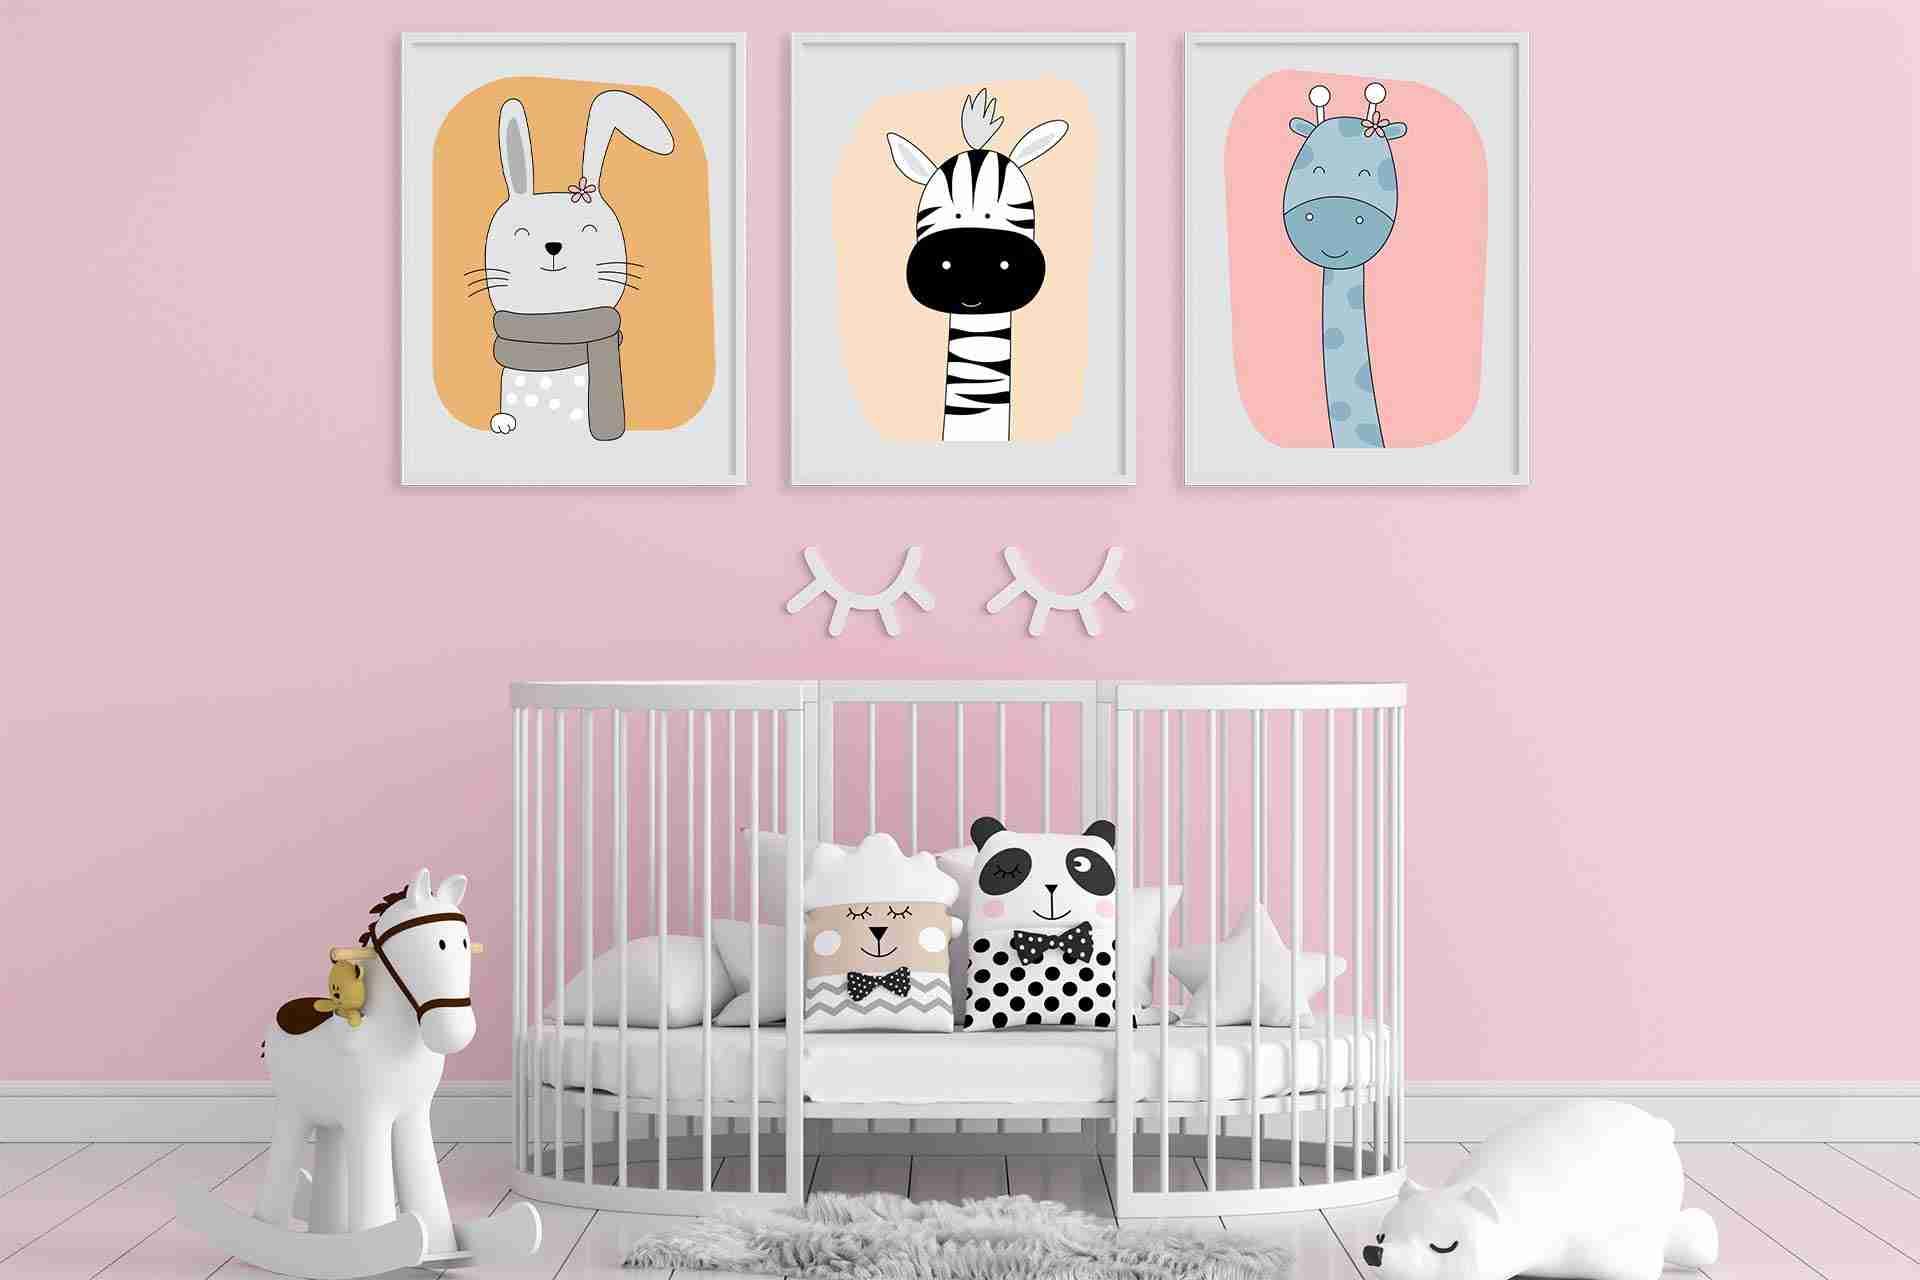 Cute-animal-framed-poster-prints-2.jpg